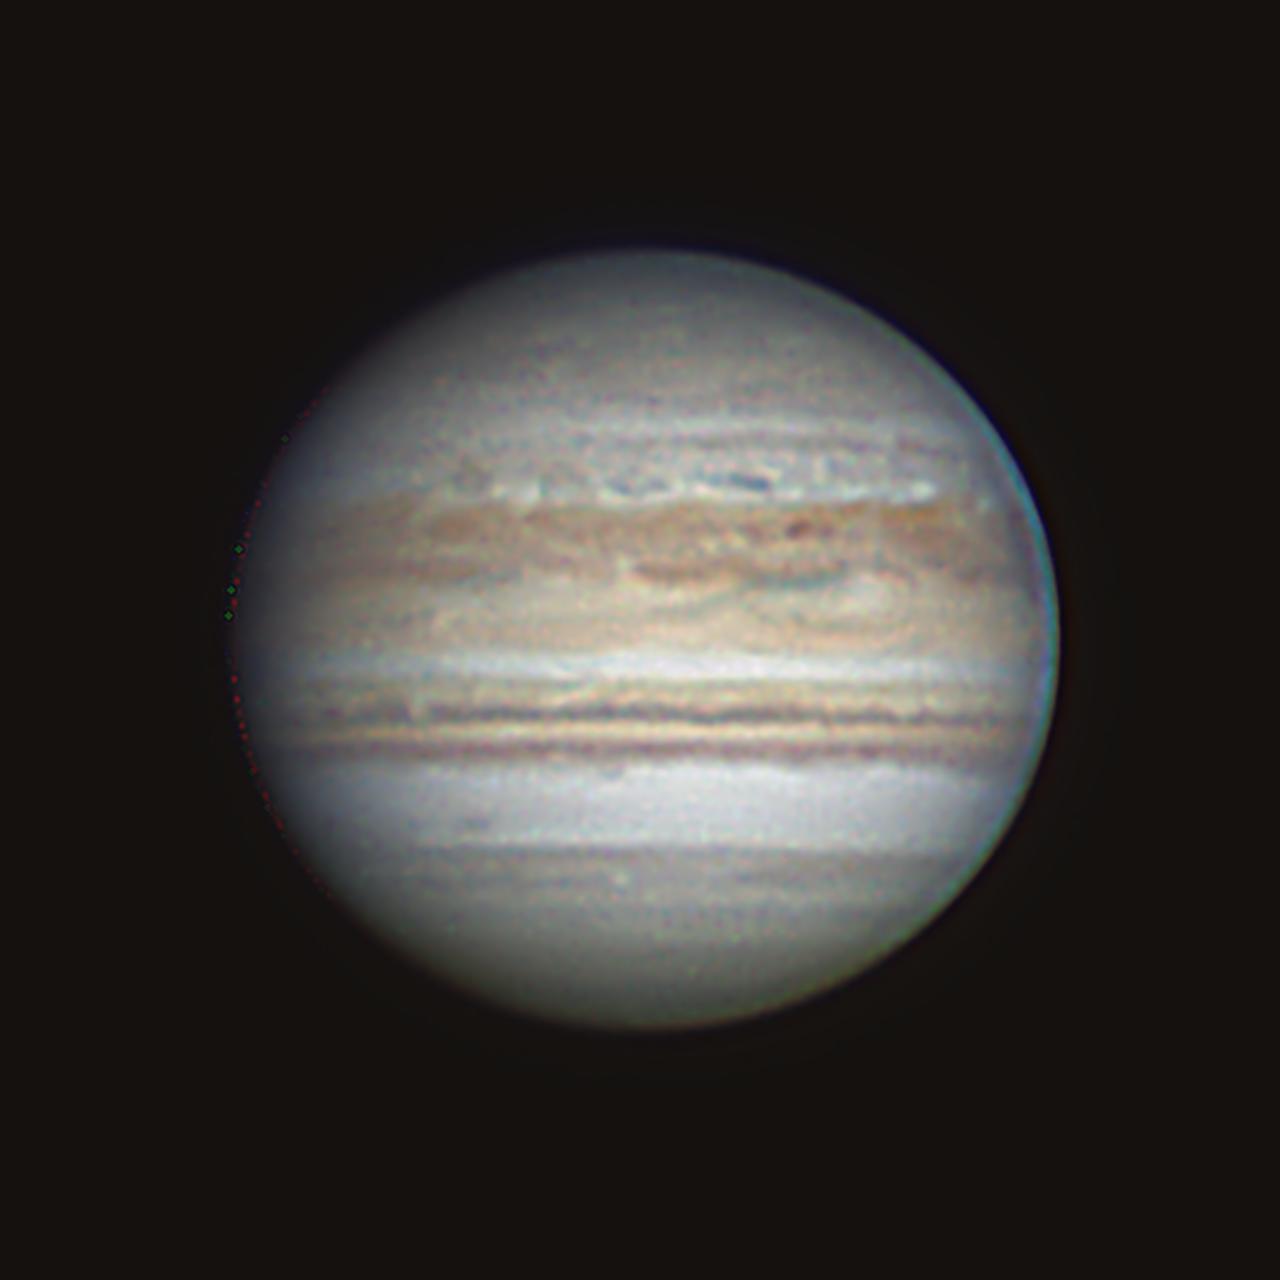 2020-09-23-1827_6-derot2-RGB_2.png.dfe6e7ff1bdb25b7b31fbb017c67ee45.png